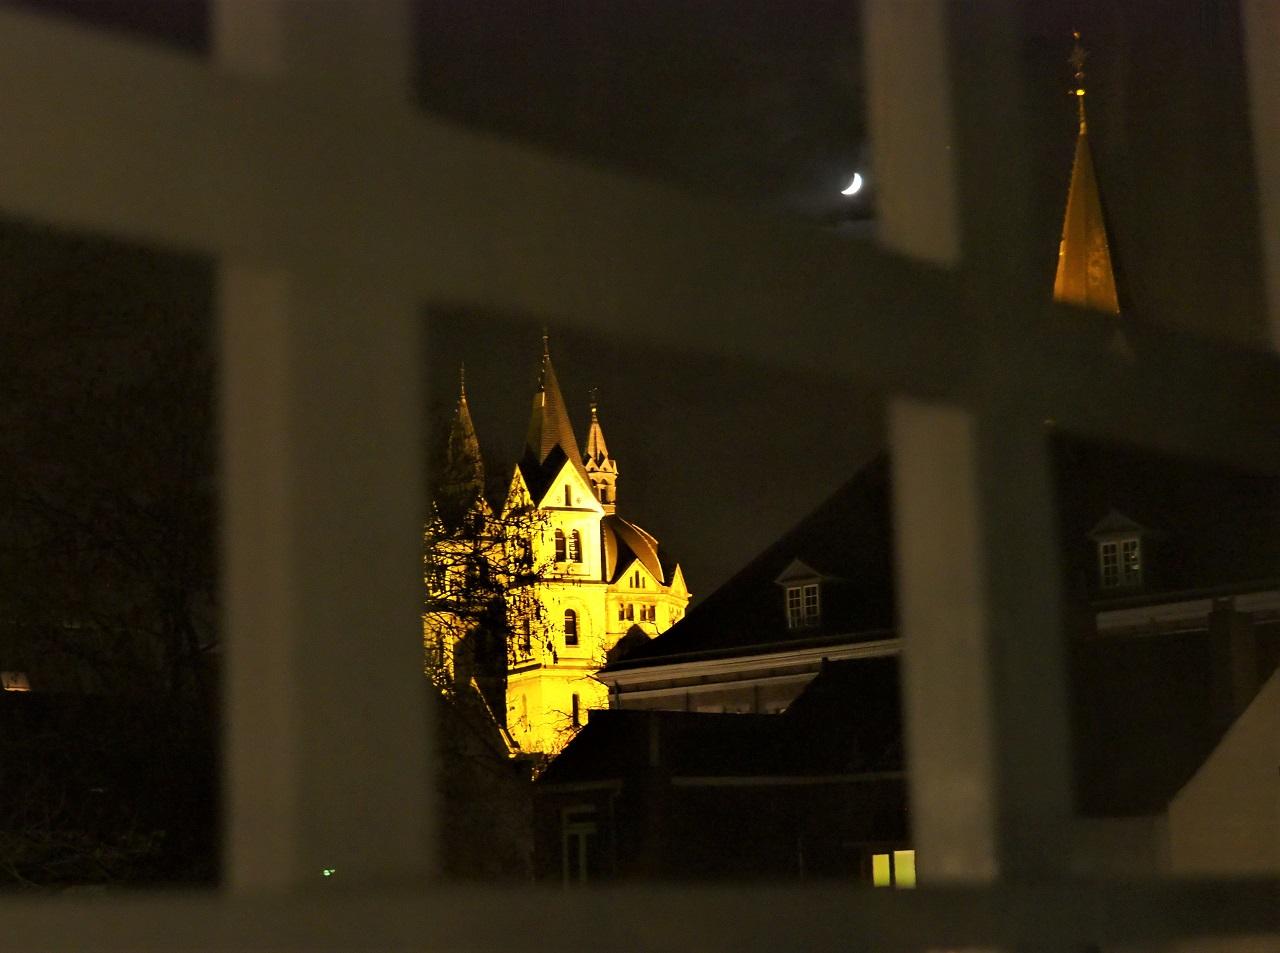 鉄格子から望む教会の灯り